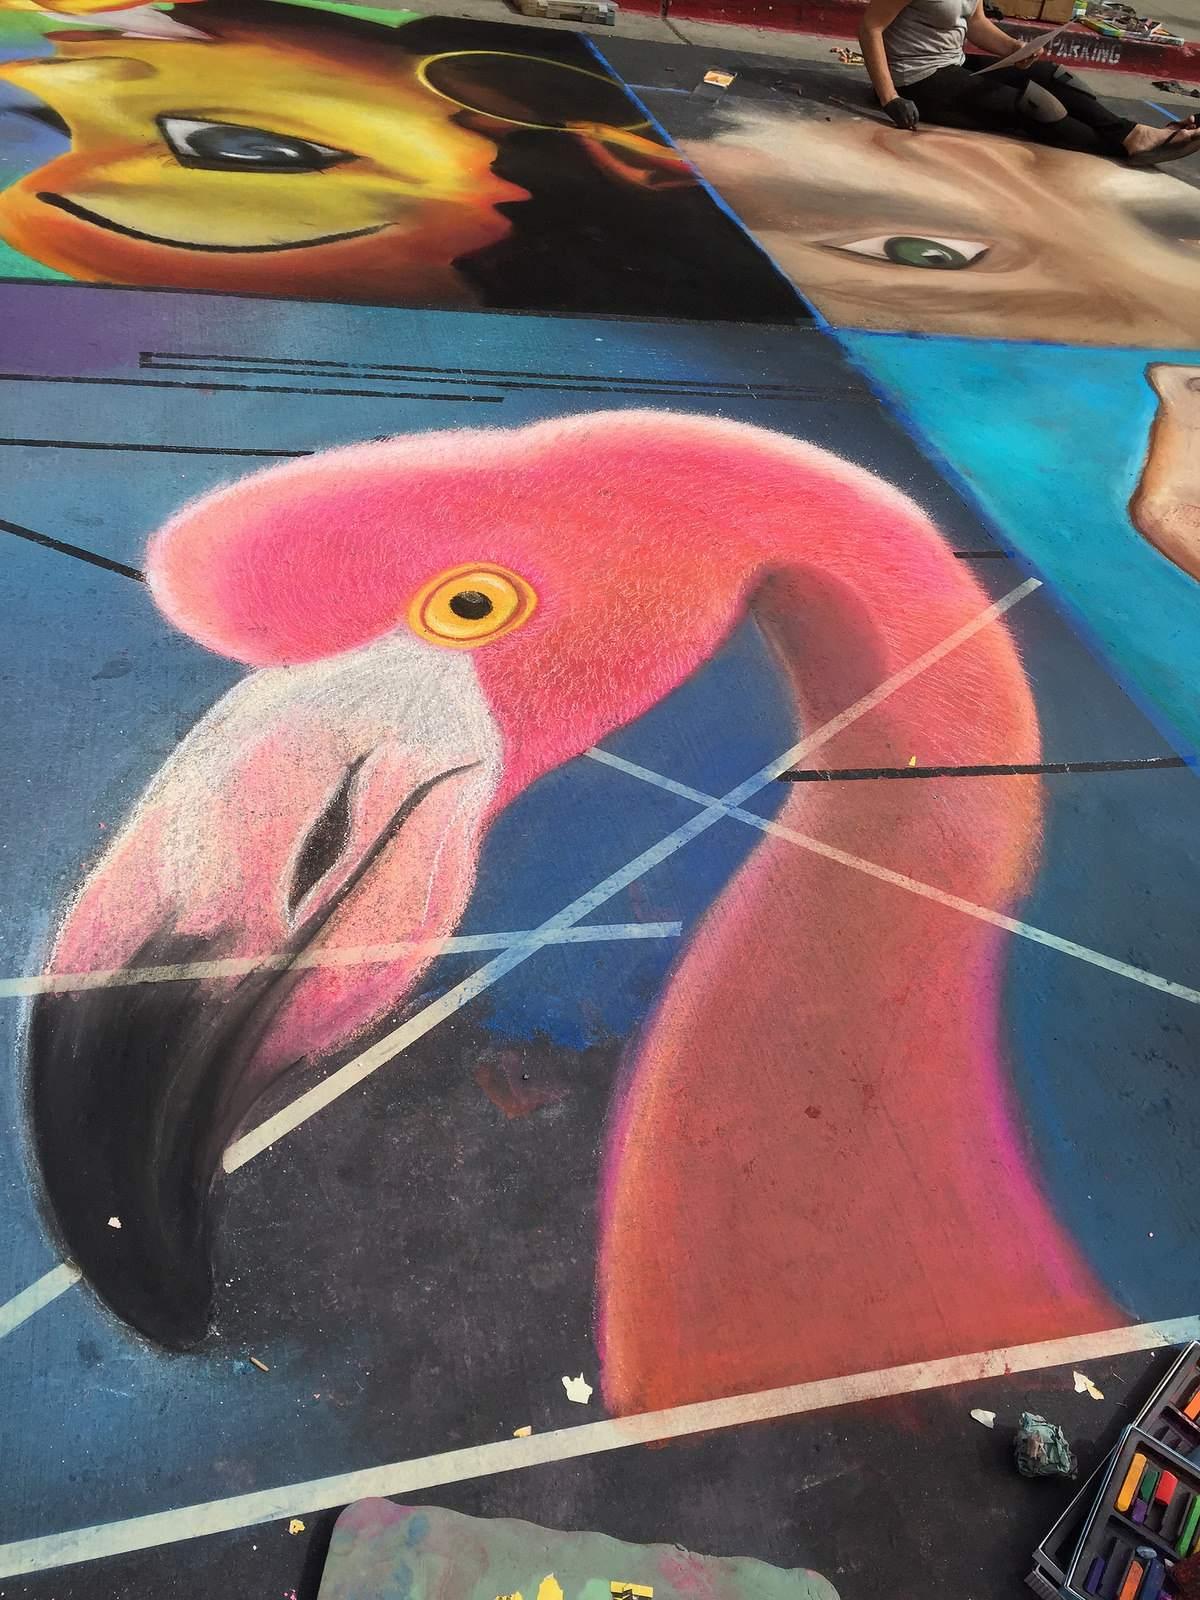 chalk festival5 Chalk Festival in Westlake Shopping Center